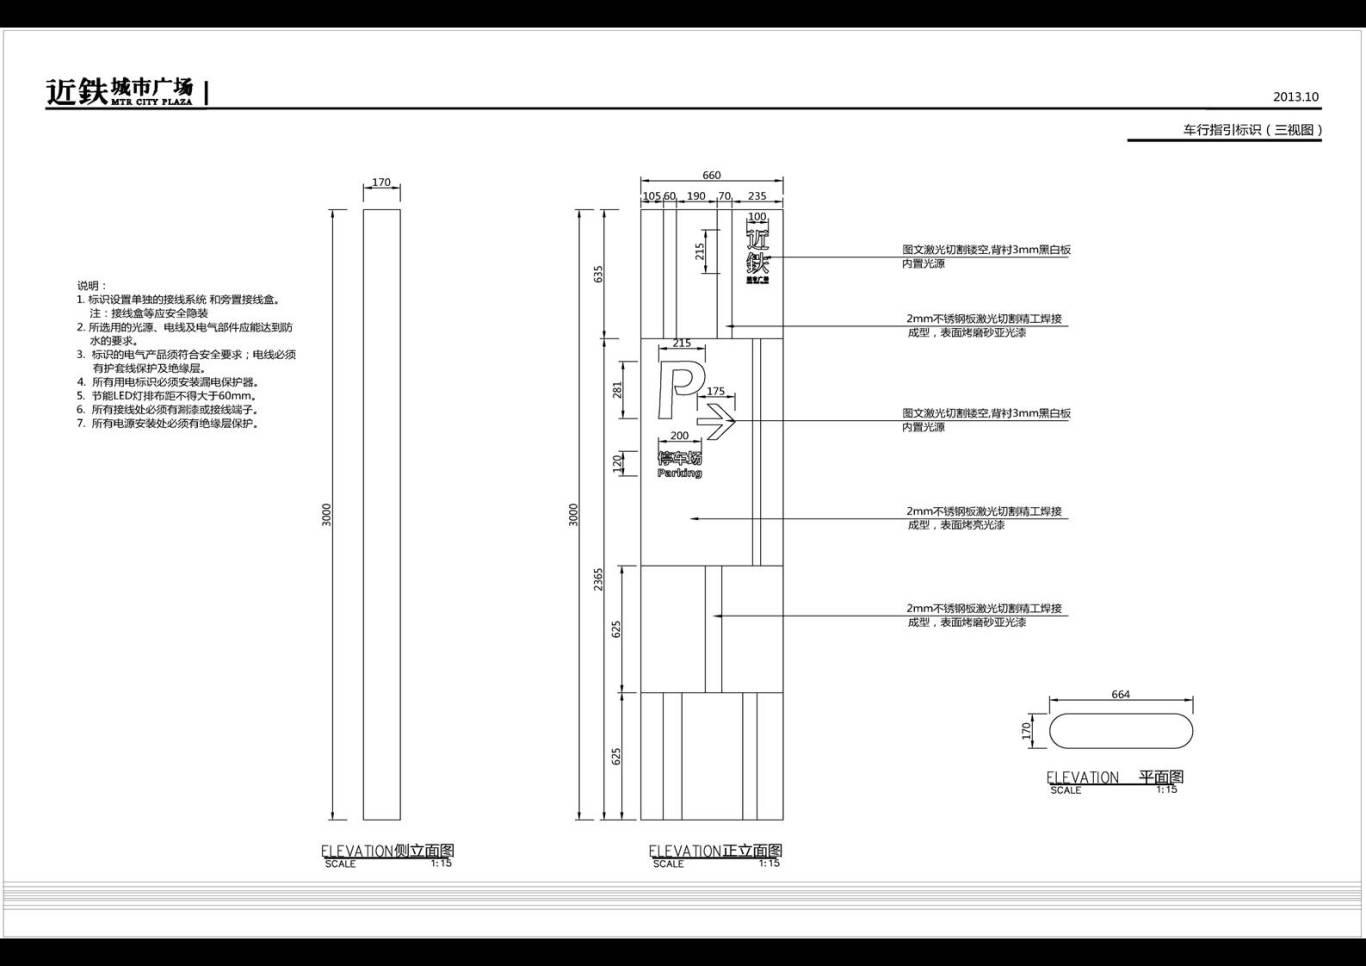 近铁城市广场环境导示设计方案图7